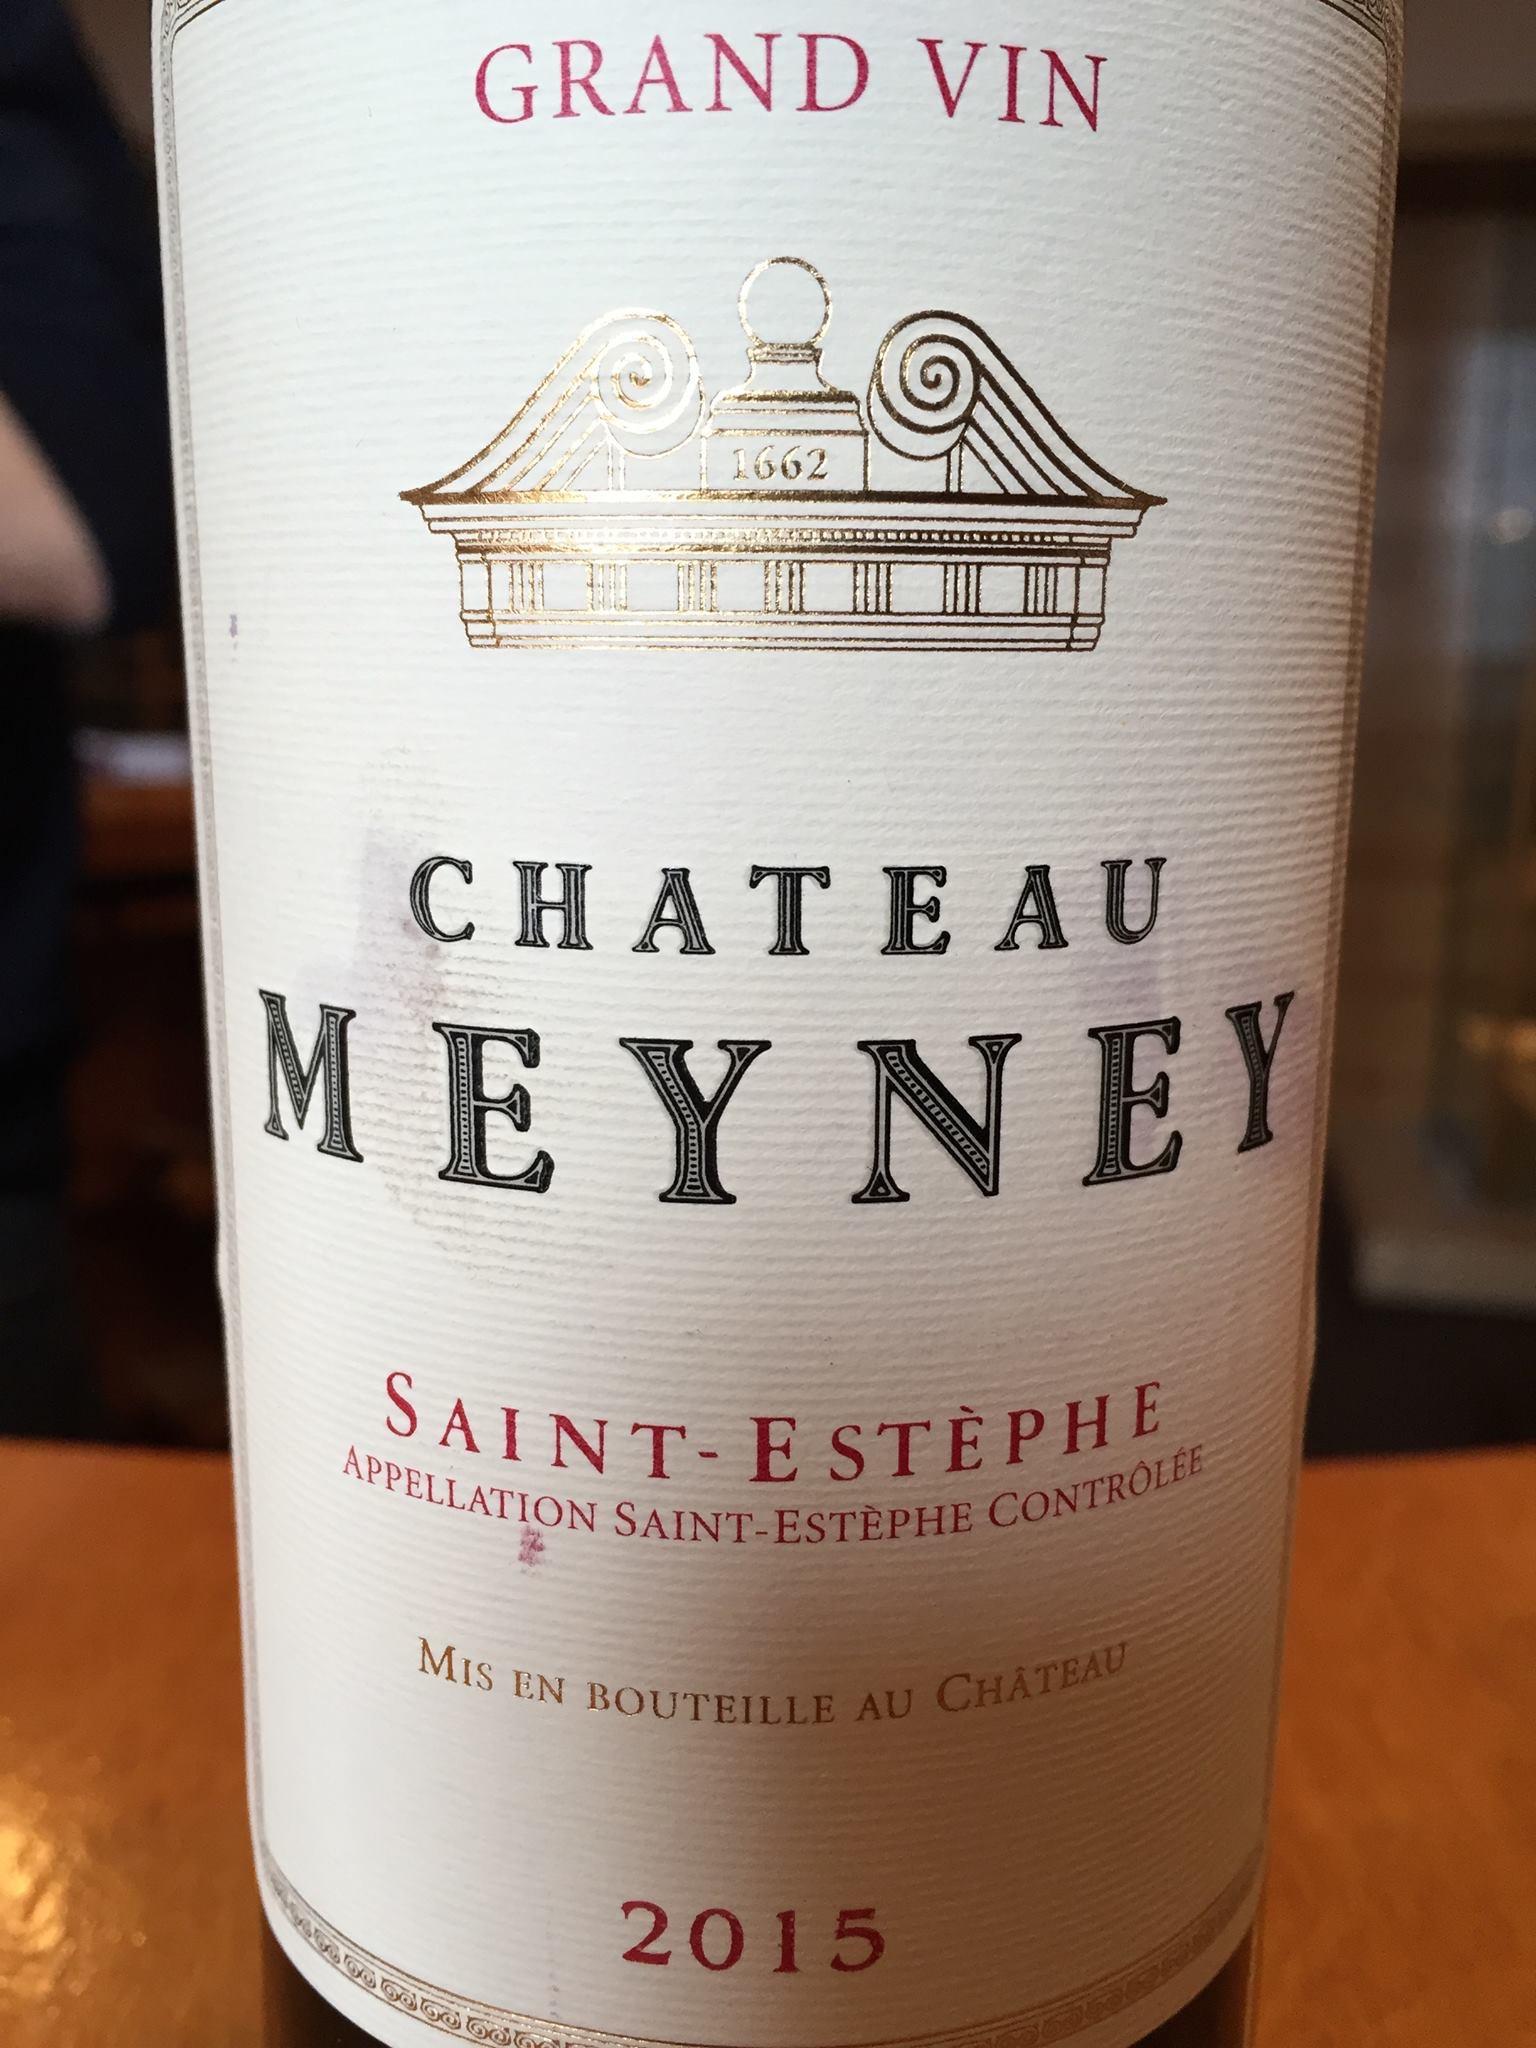 Château Meyney 2015 – Saint-Estèphe